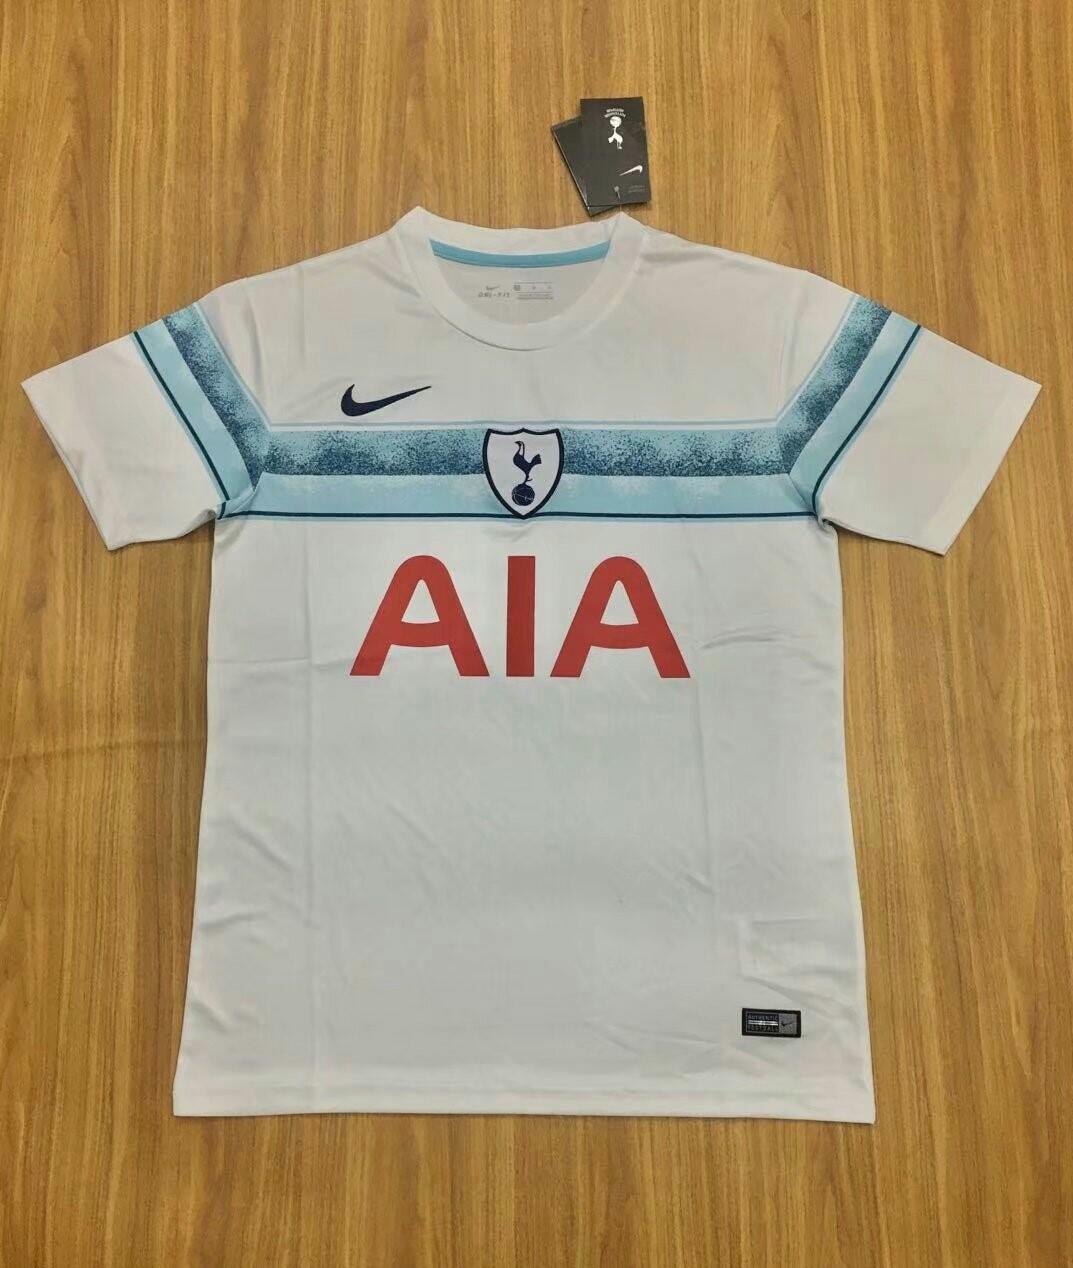 Tottenham 19/20